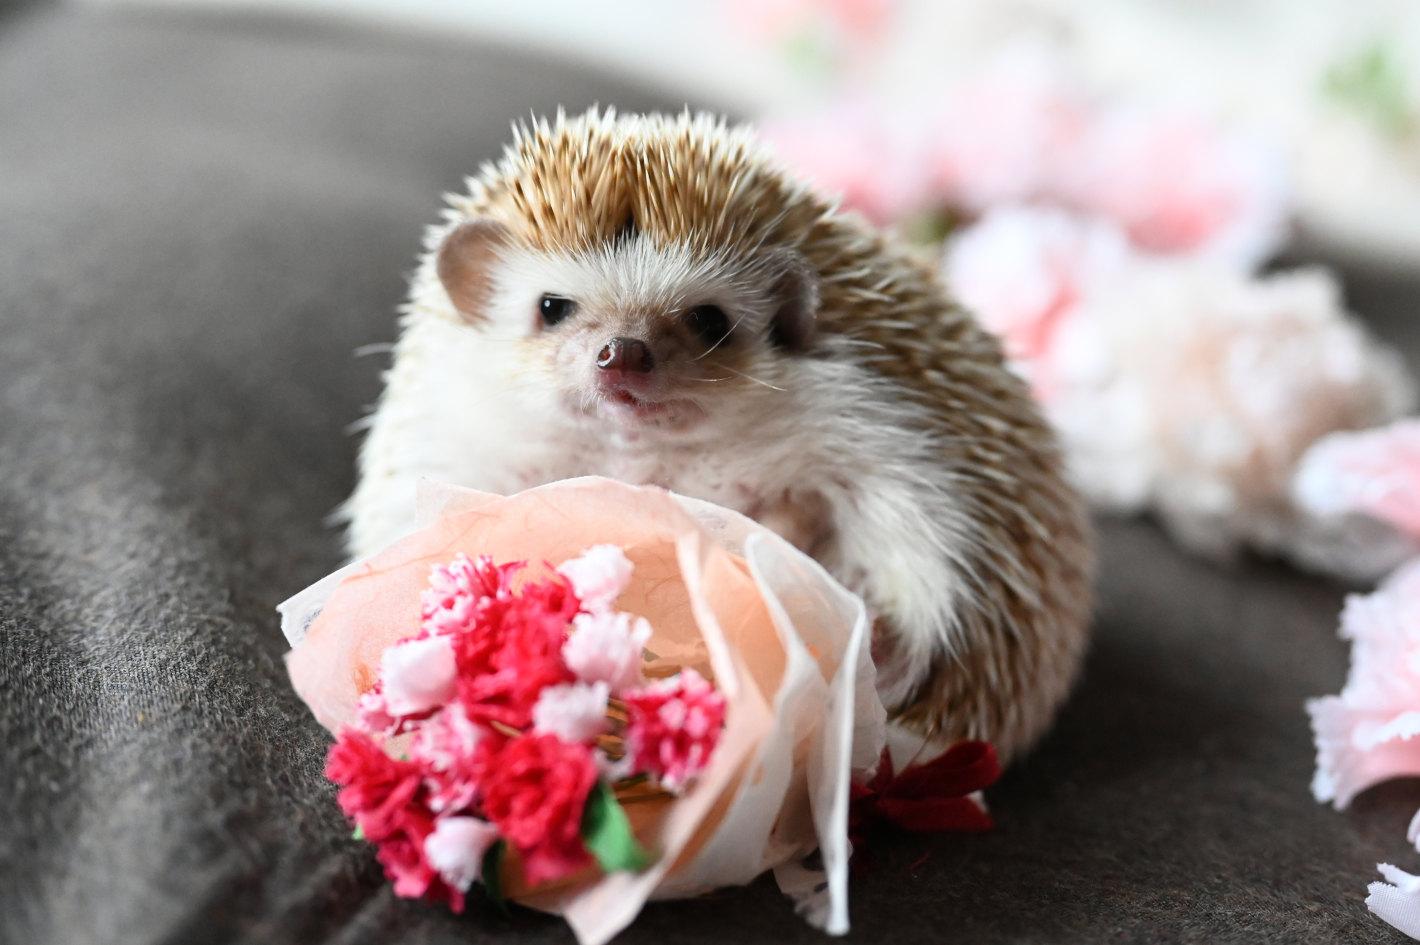 【ハリネズミさんの毎日が記念日】5月10日「母の日」に贈るカーネーション